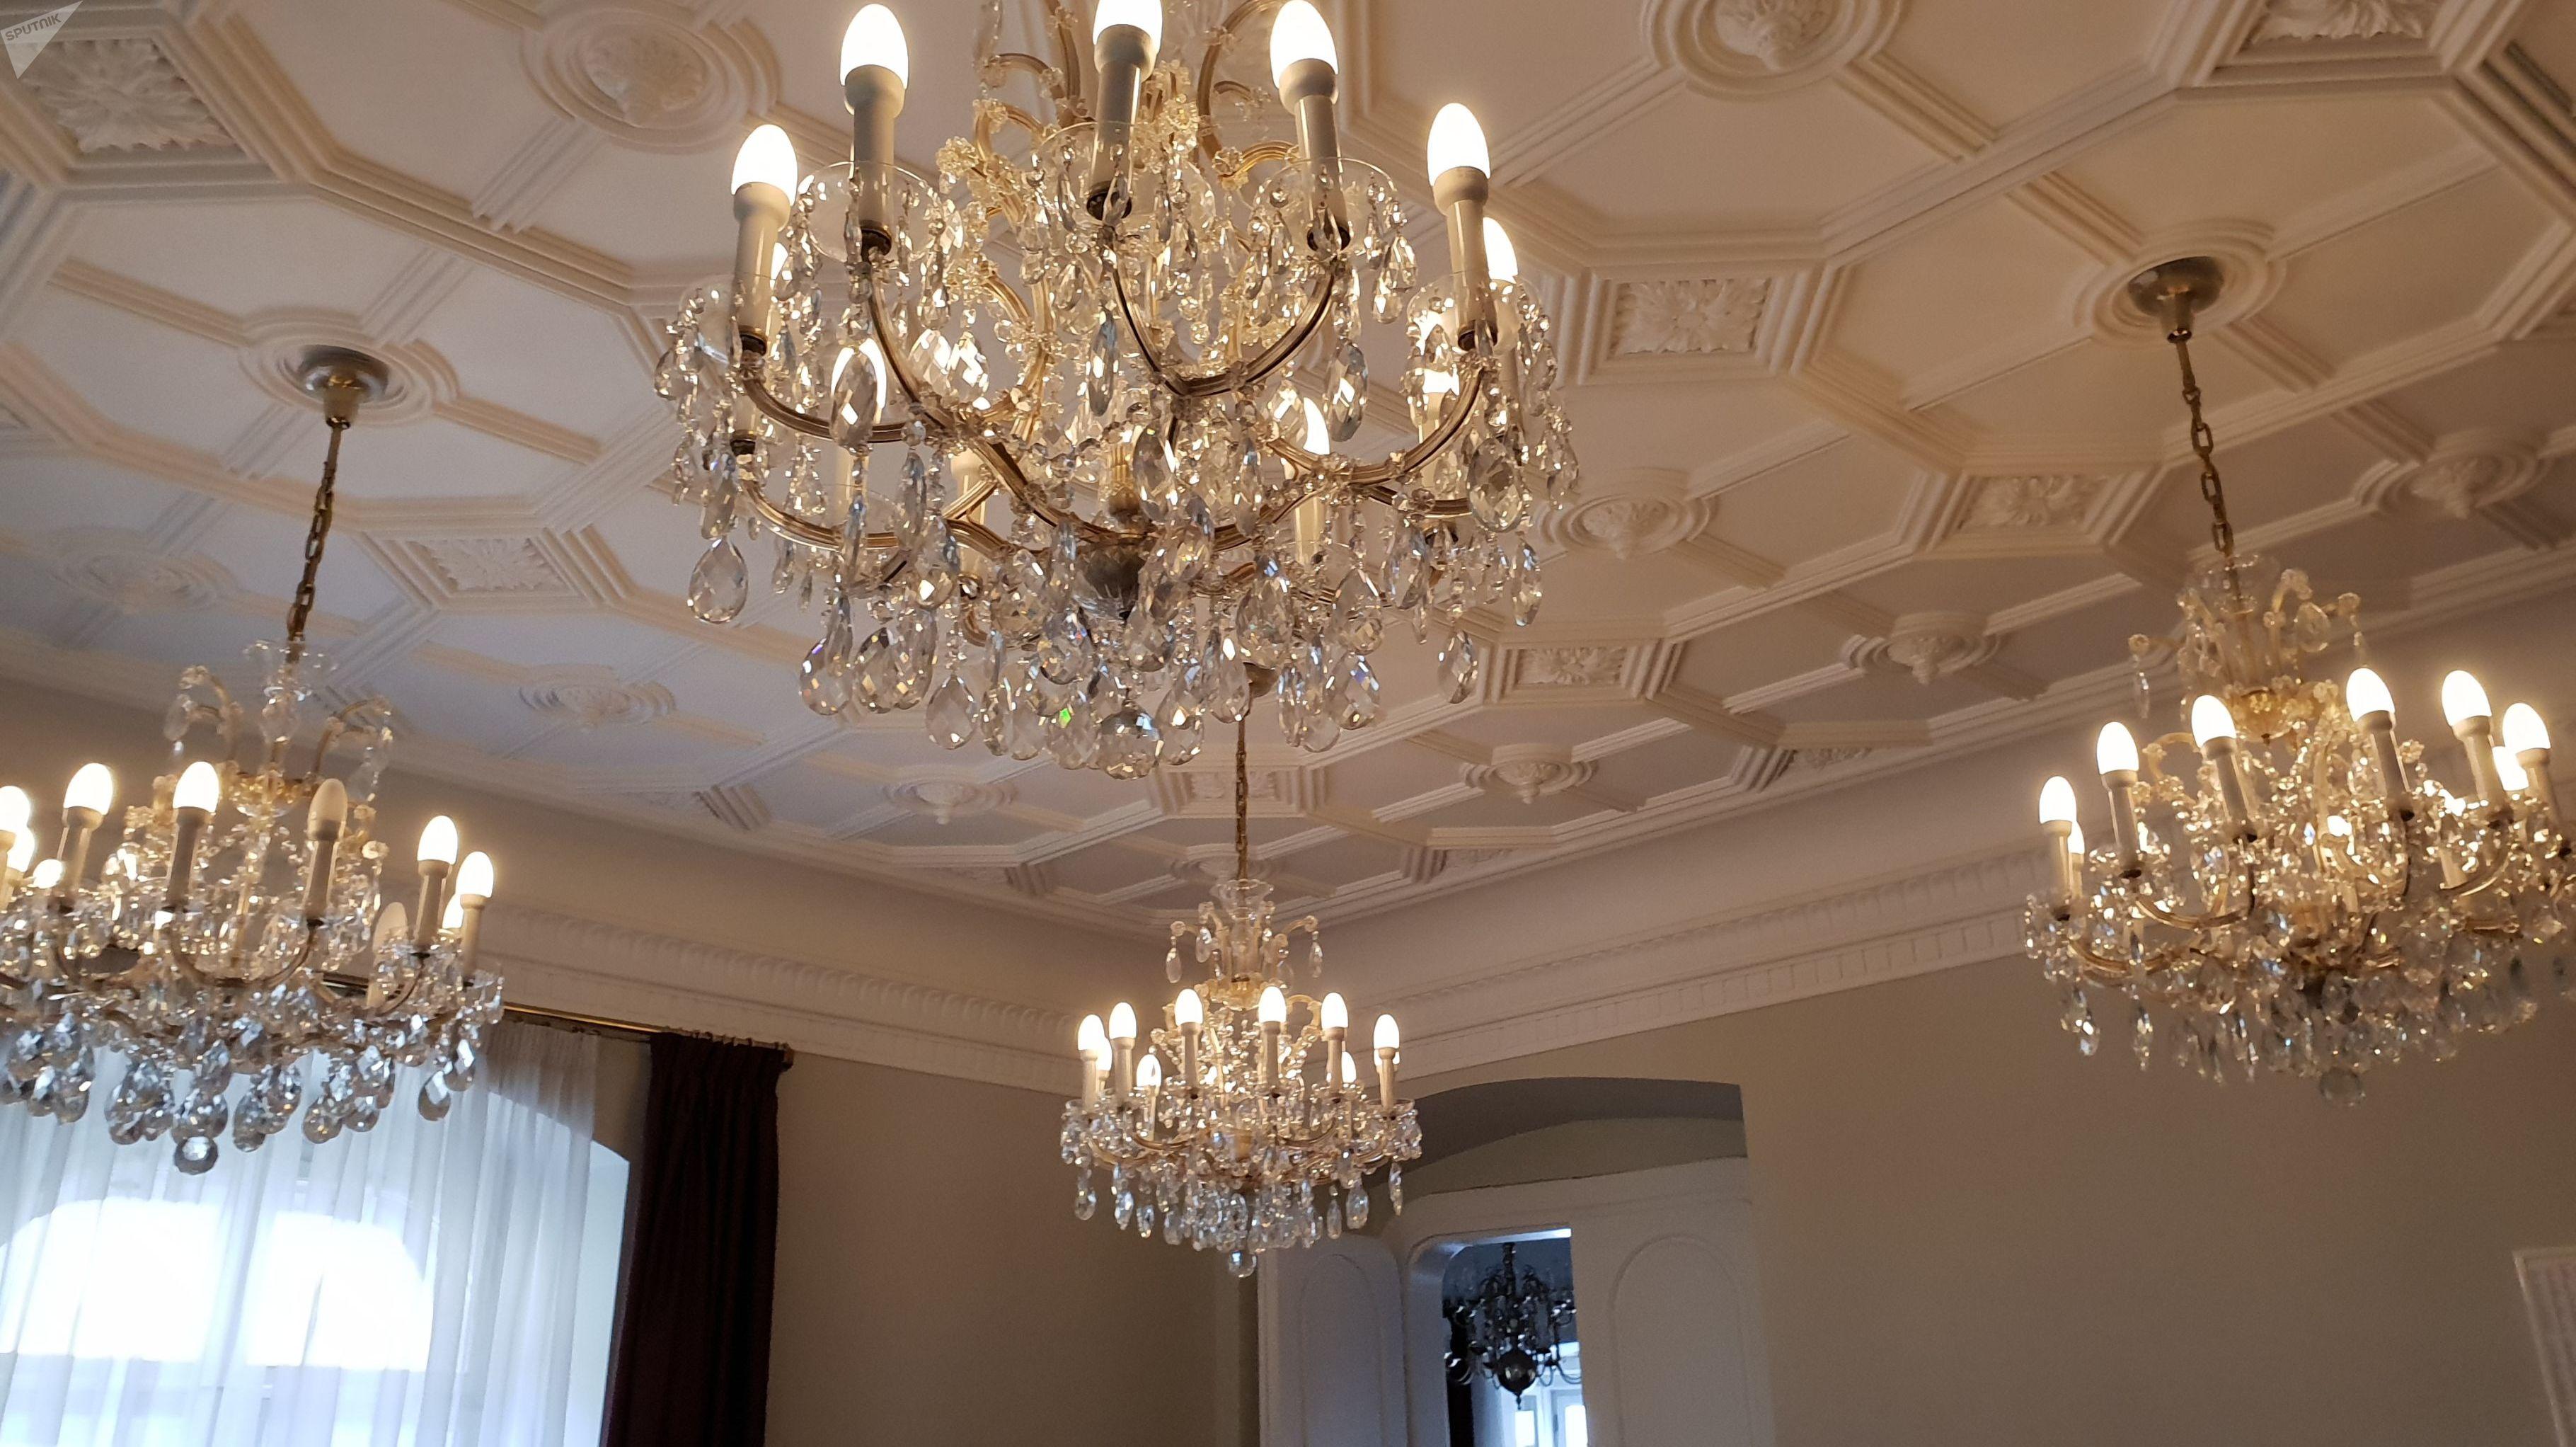 V Parlamentu jsou vysoké stropy – umožňují instalaci třeba několik středně velkých ověskových lustrů.